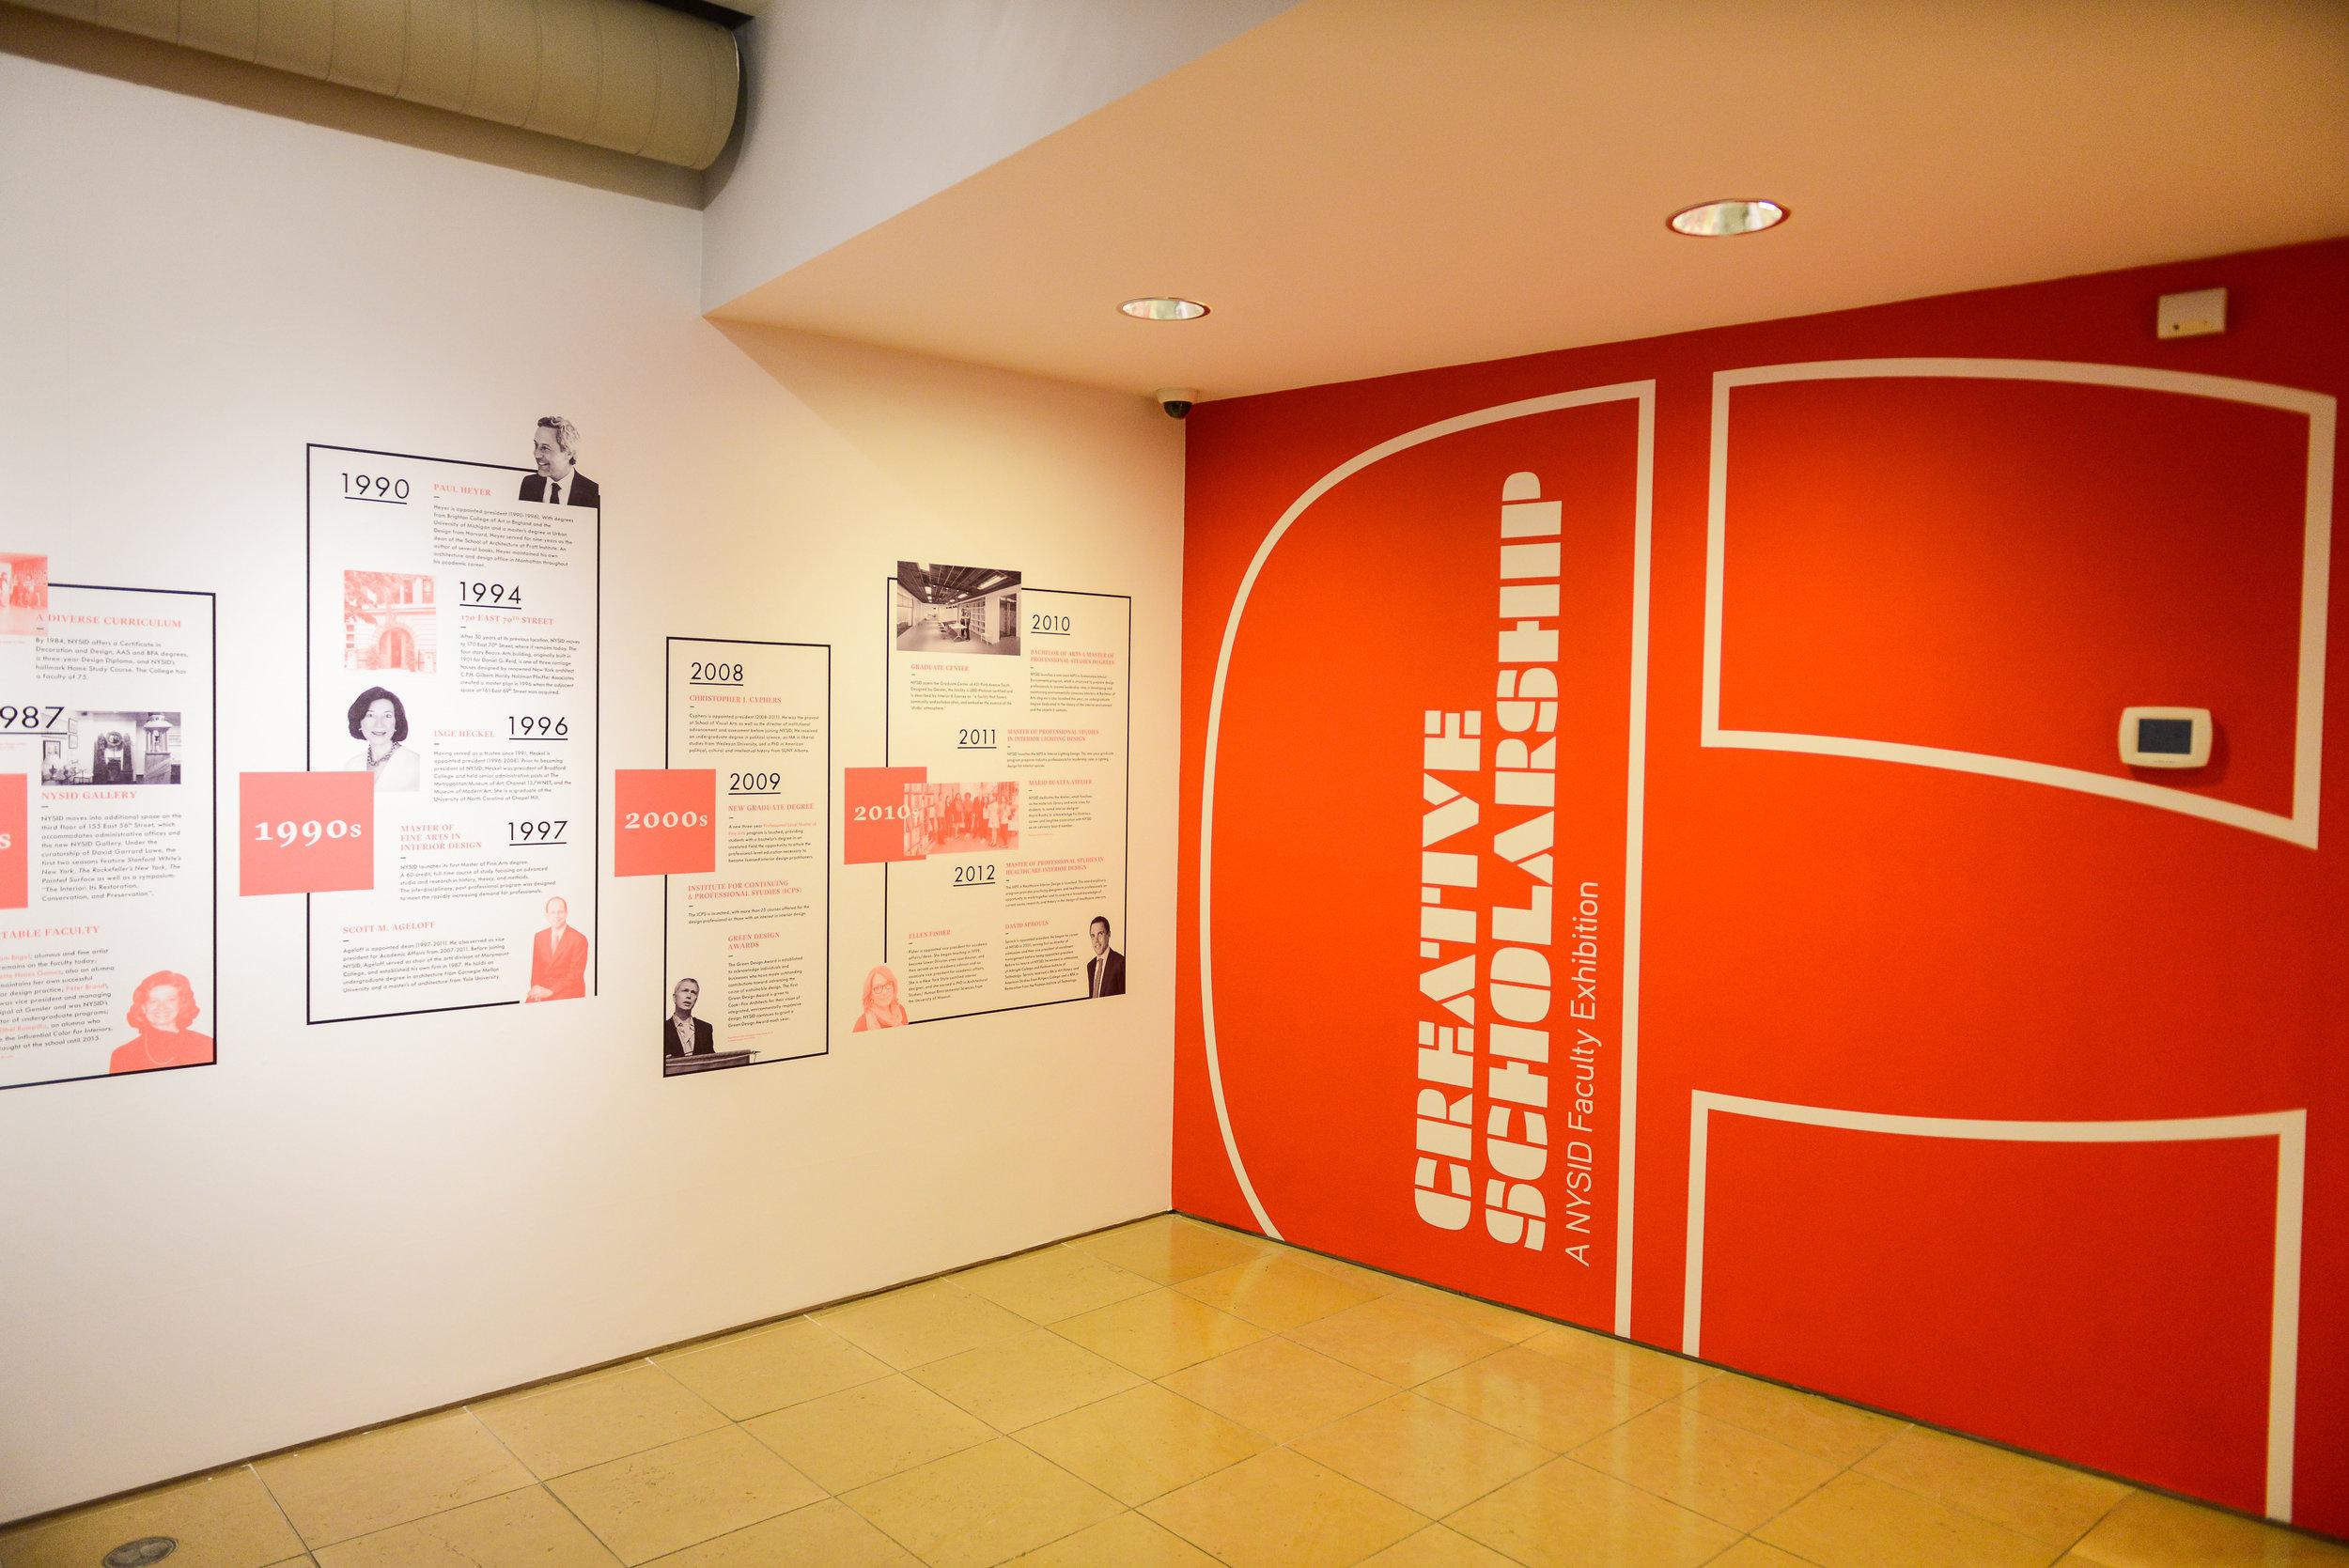 creative-scholarship-a-nysid-faculty-exhibition_23662148678_o[1].jpg